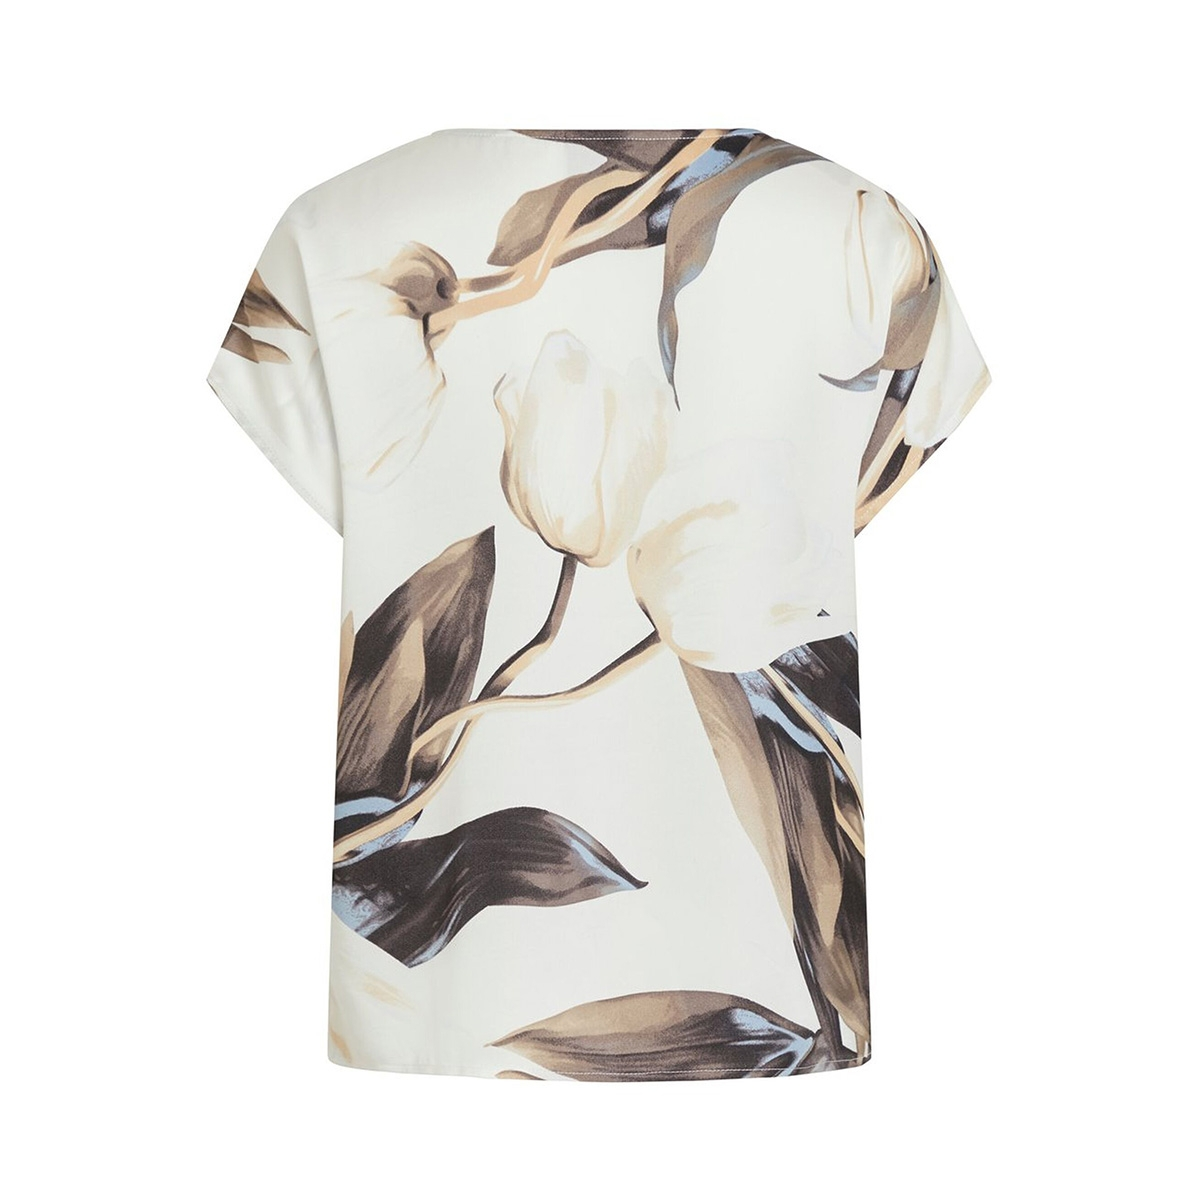 objpania urban s/s top pb7 23032300 object t-shirt gardenia/gardenia tulip